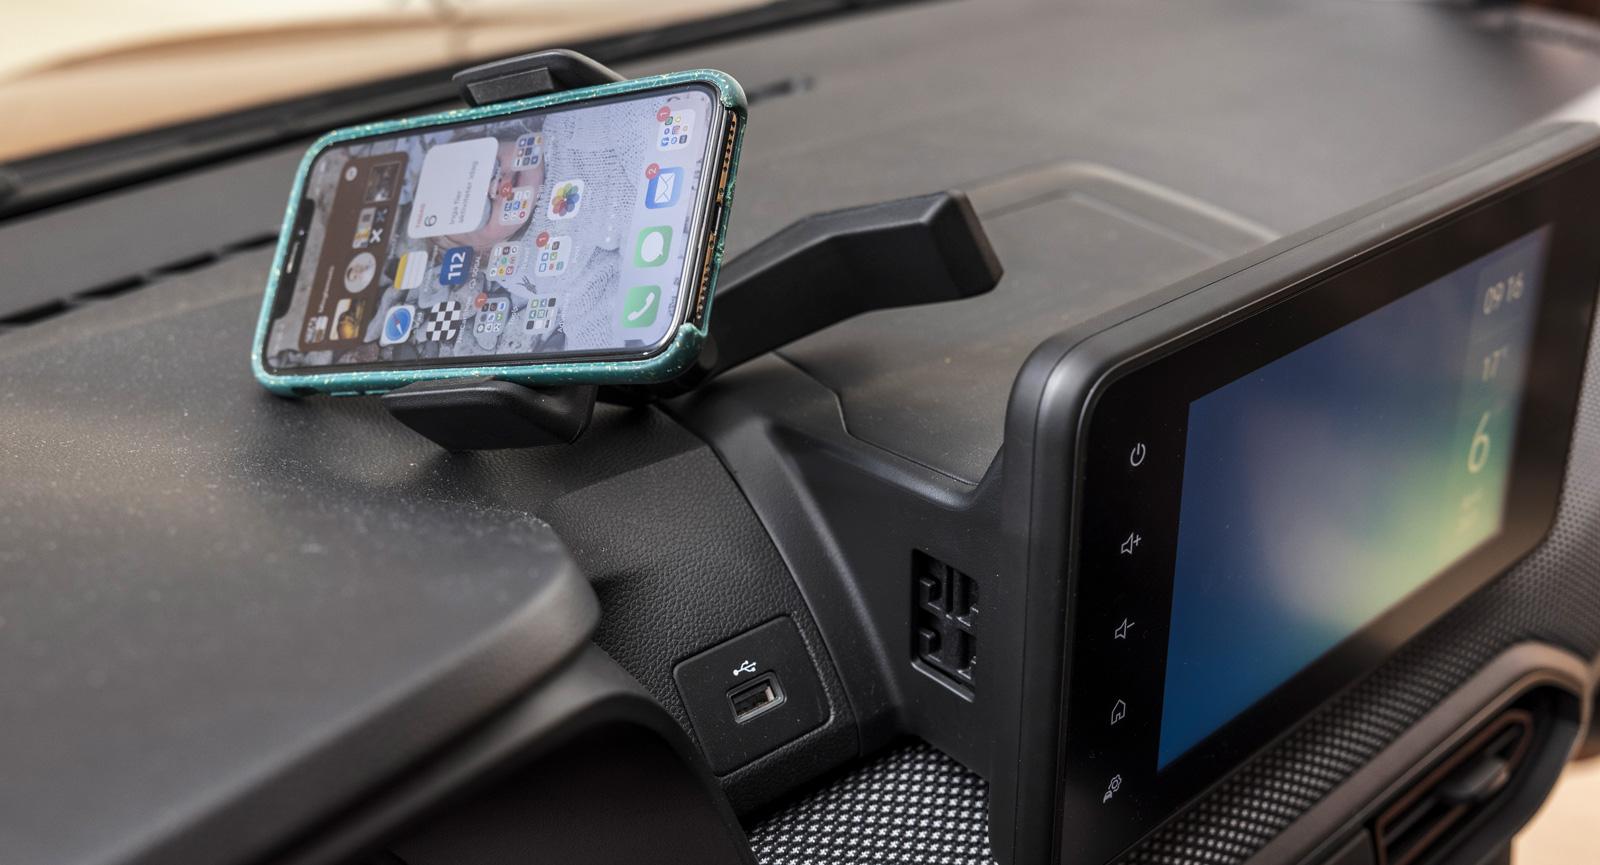 Telefonen har monterats på en arm. Armen har ett fäste på sidan av mediaskärmen. Tanken är att telefonen ska kunna laddas via USB-uttaget och samtidigt vara tillgänglig för föraren. Det går att ifrågasätta nödvändigheten av funktionen då Sandero har trådlös (!) Android Auto och Apple Car Play och telefonen delvis skymmer sikten.